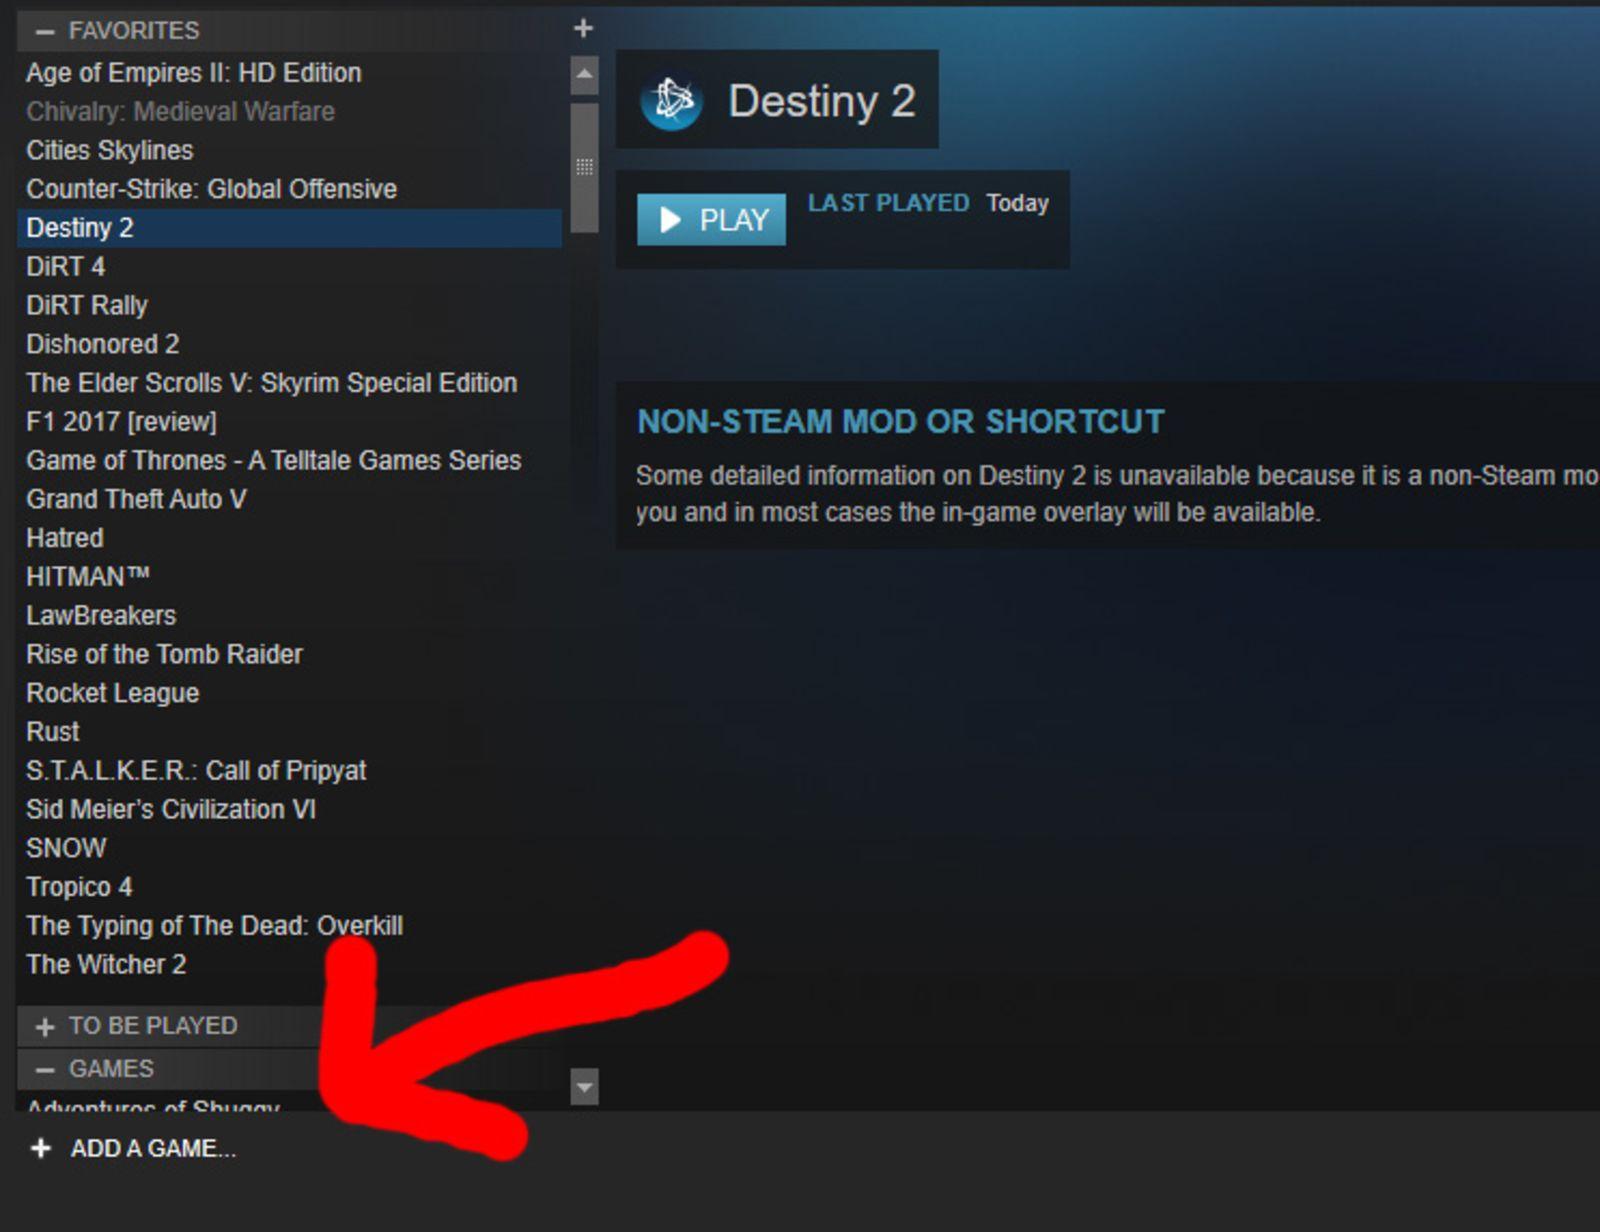 How to Play Destiny 2 Through Steam